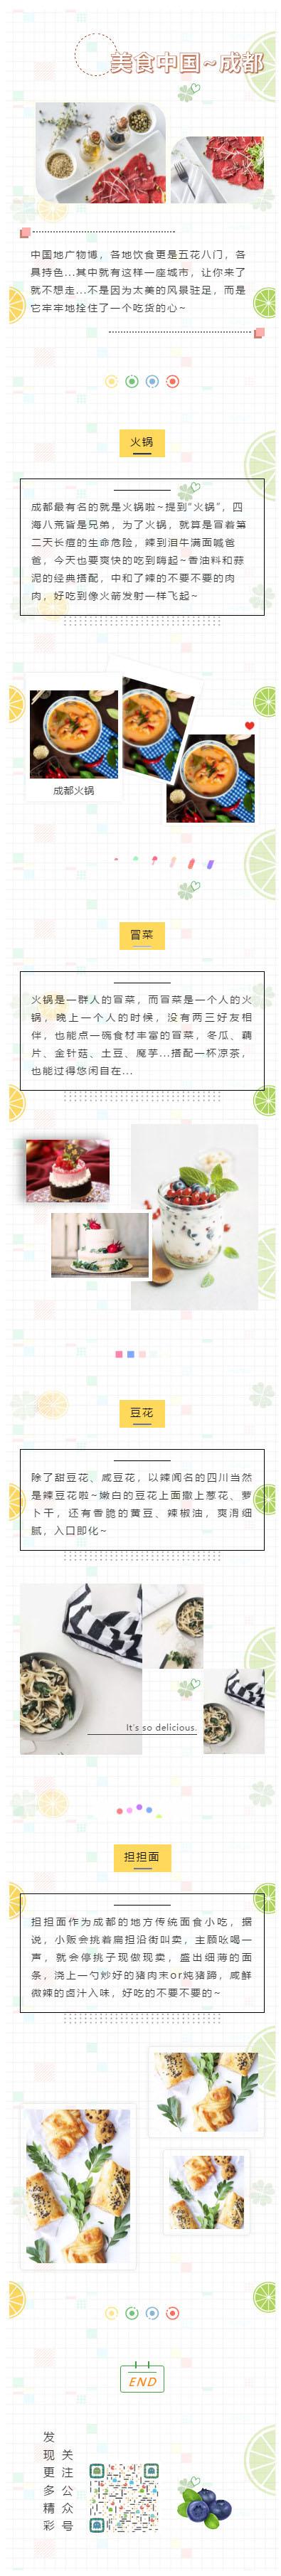 美食中国火锅微信订阅号素材模板公众号推送图文消息素材